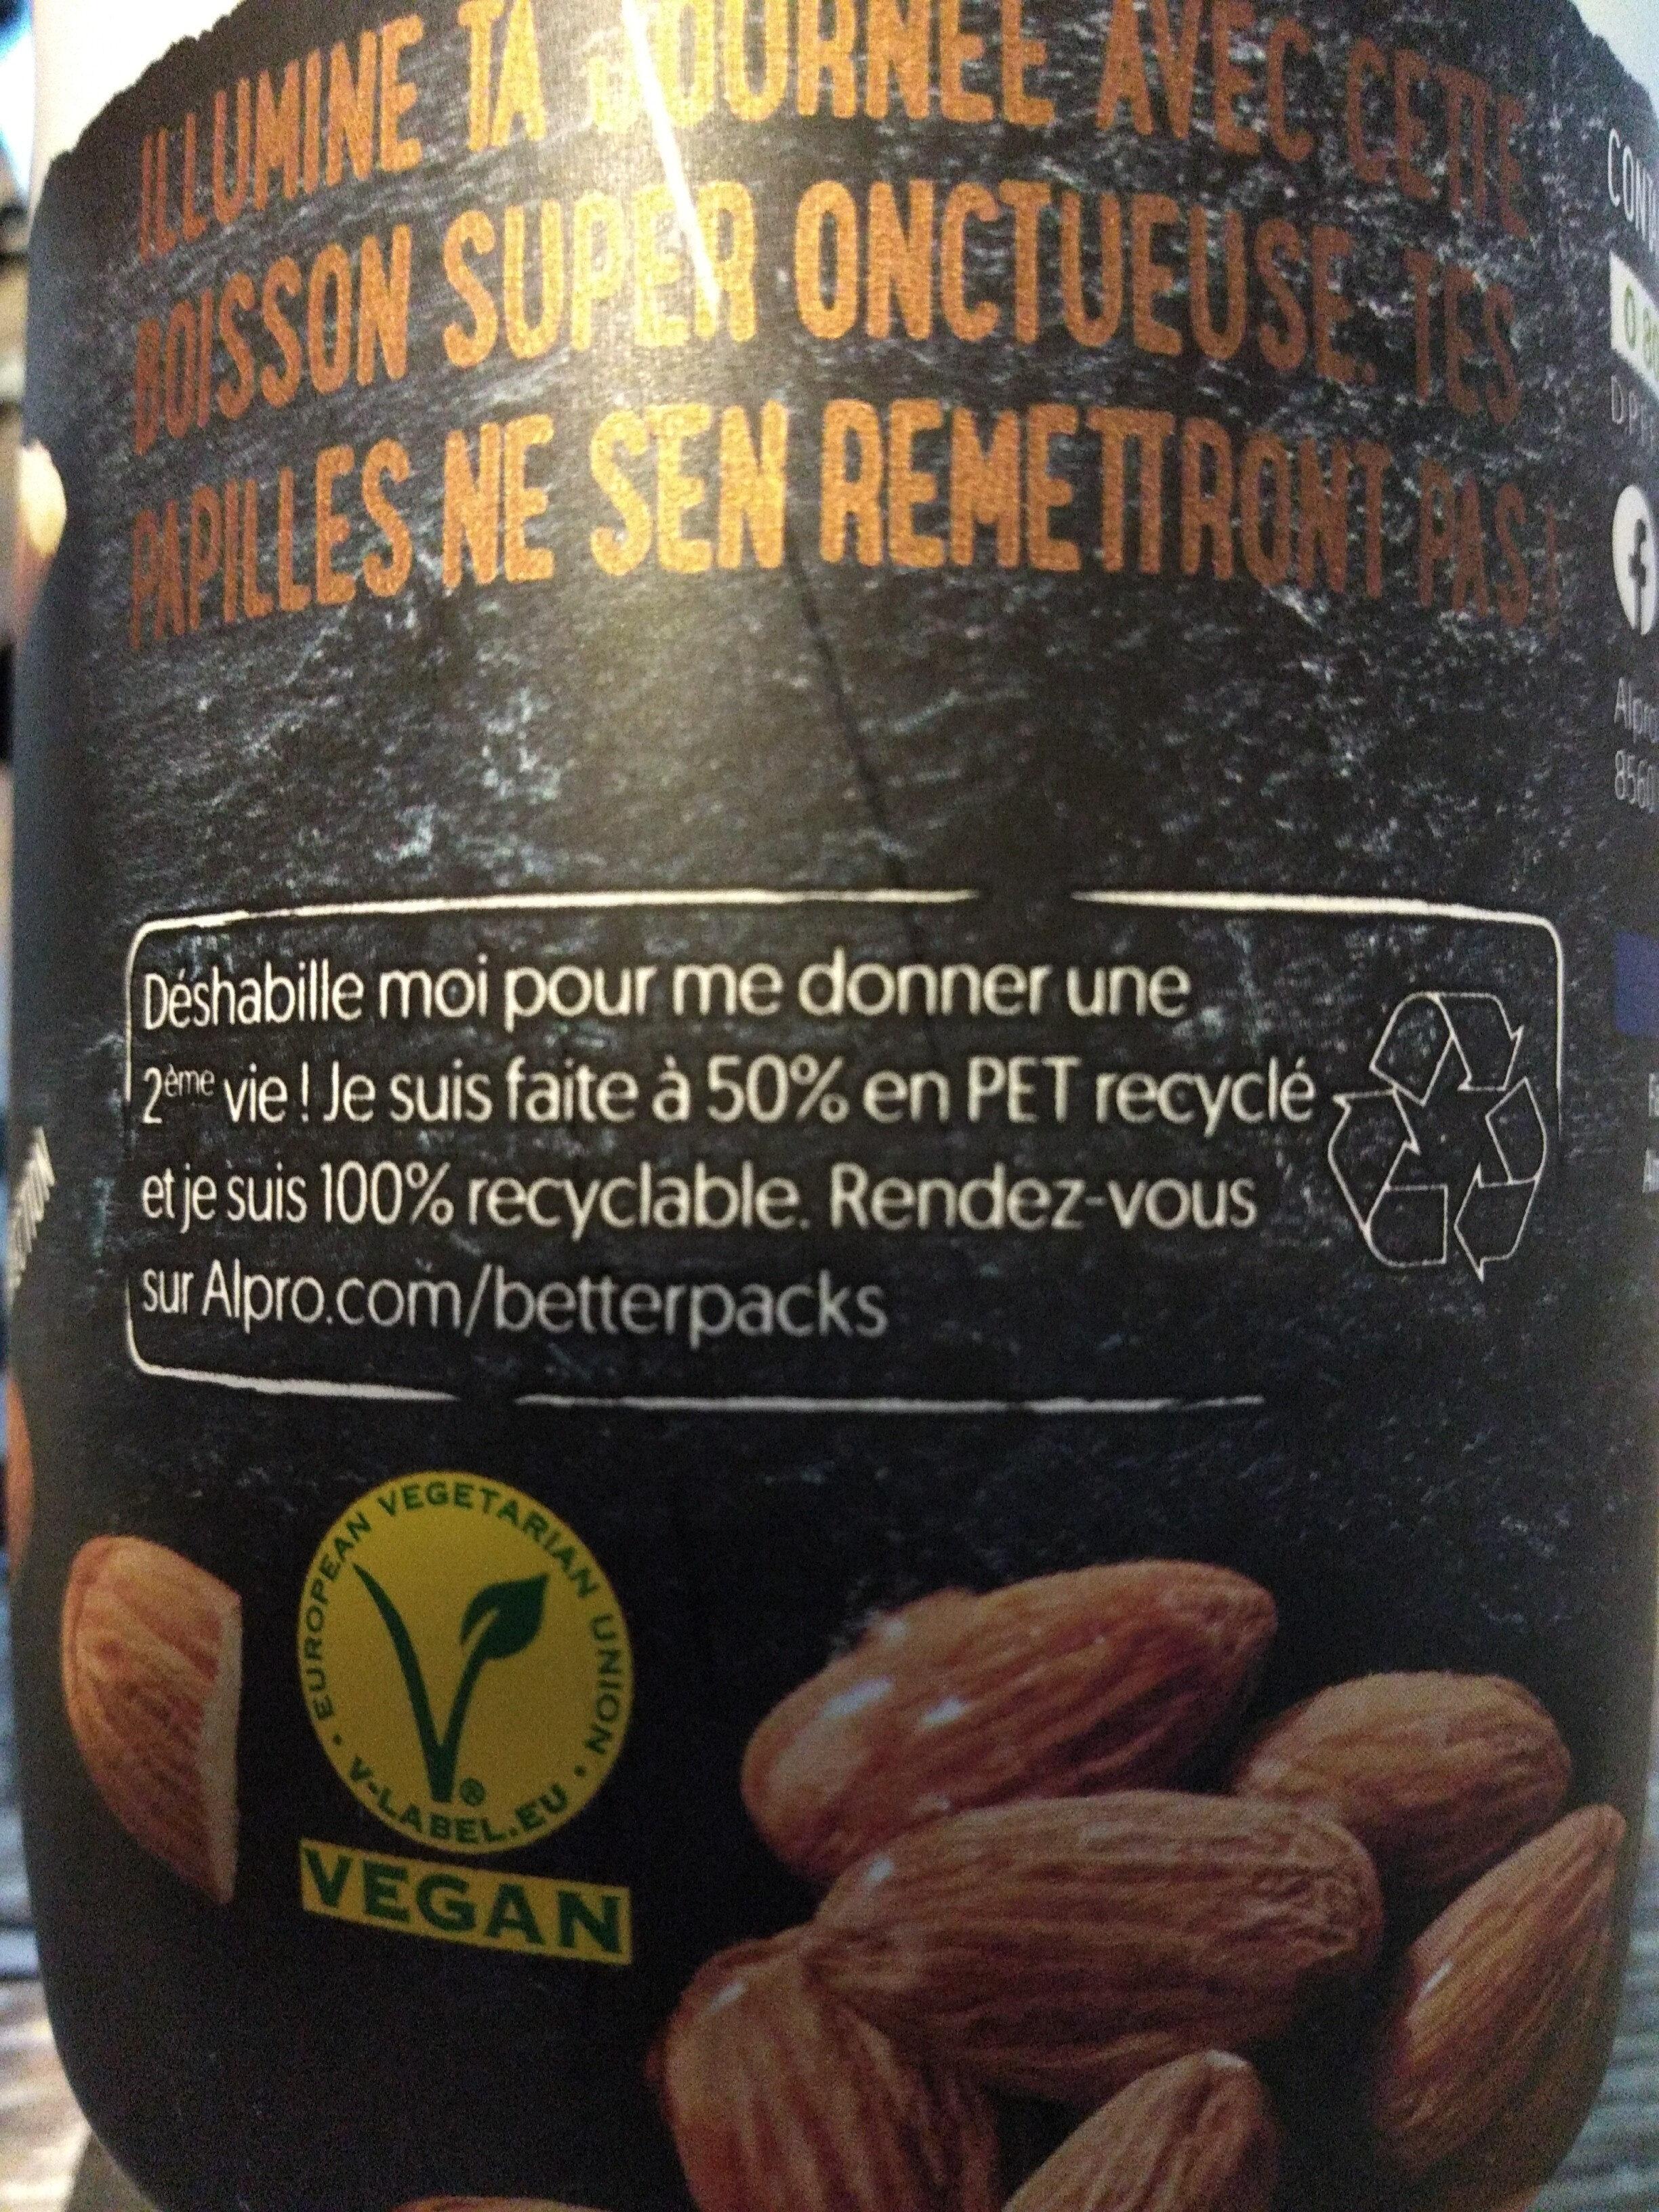 Creamy Almond - Istruzioni per il riciclaggio e/o informazioni sull'imballaggio - fr